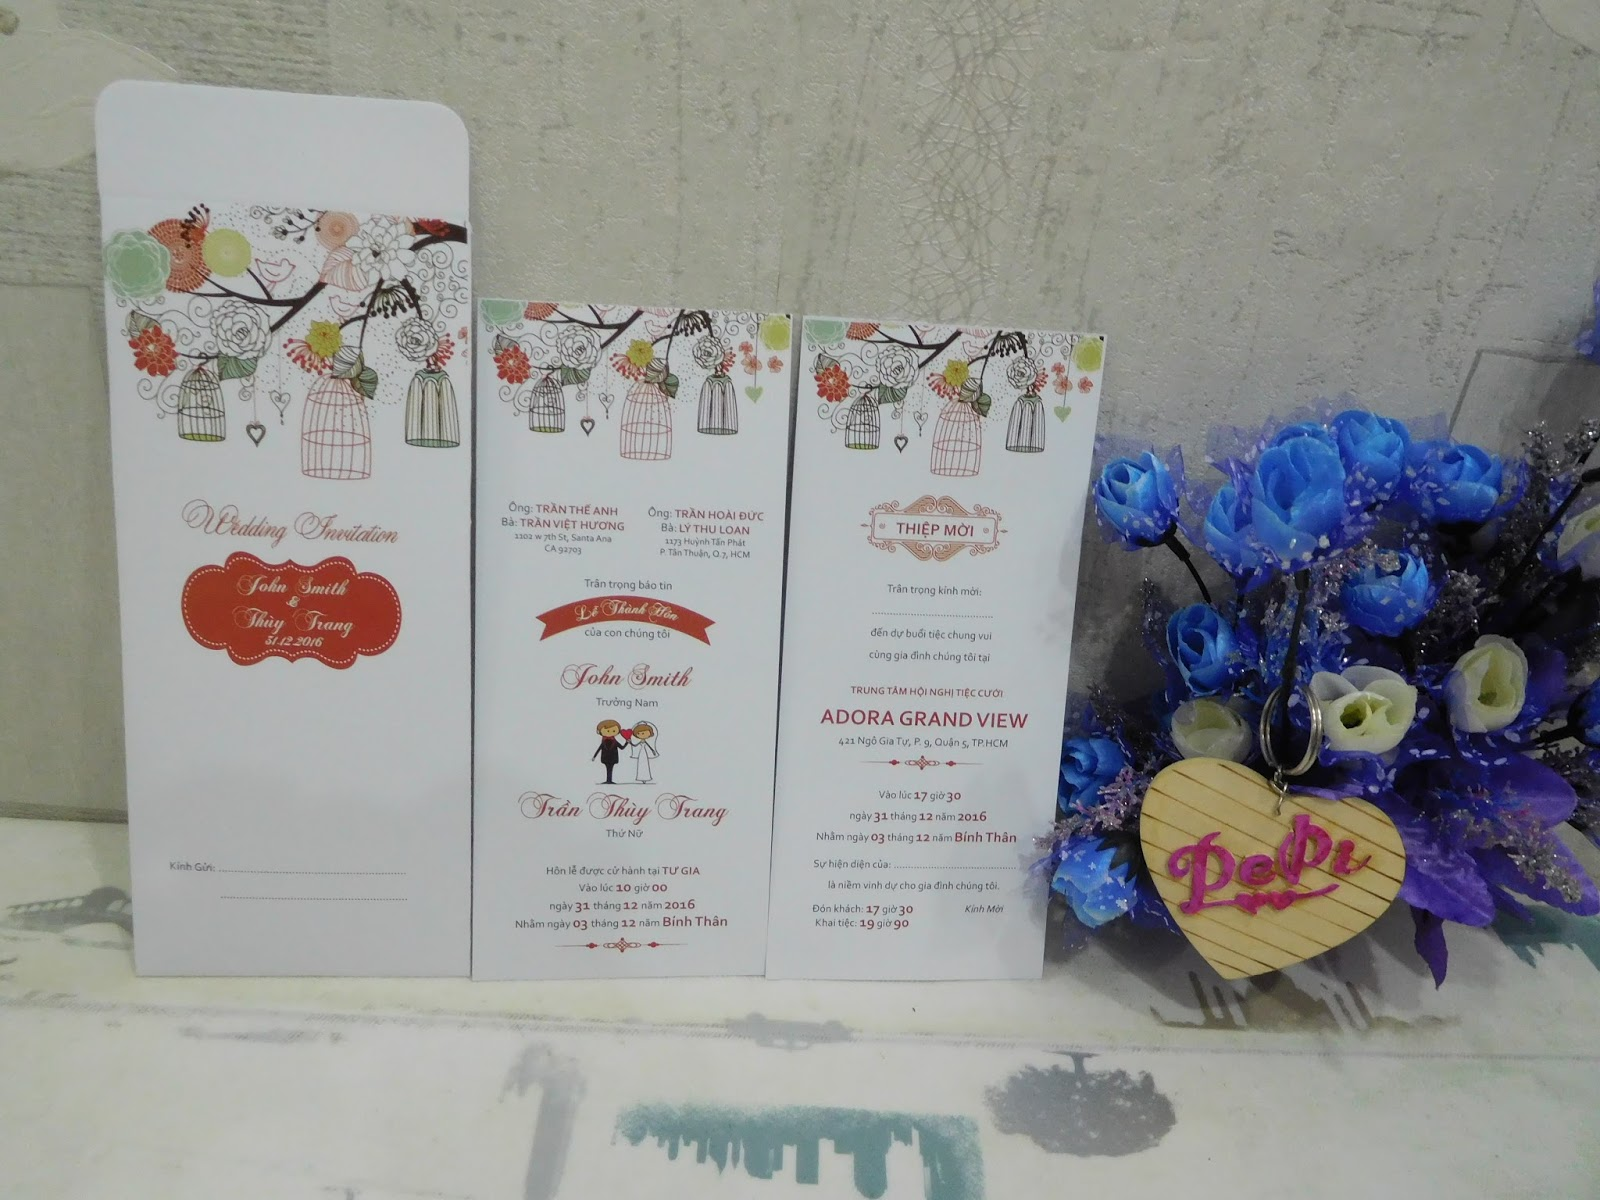 Mẫu thiệp mời đám cưới đẹp và độc đáo